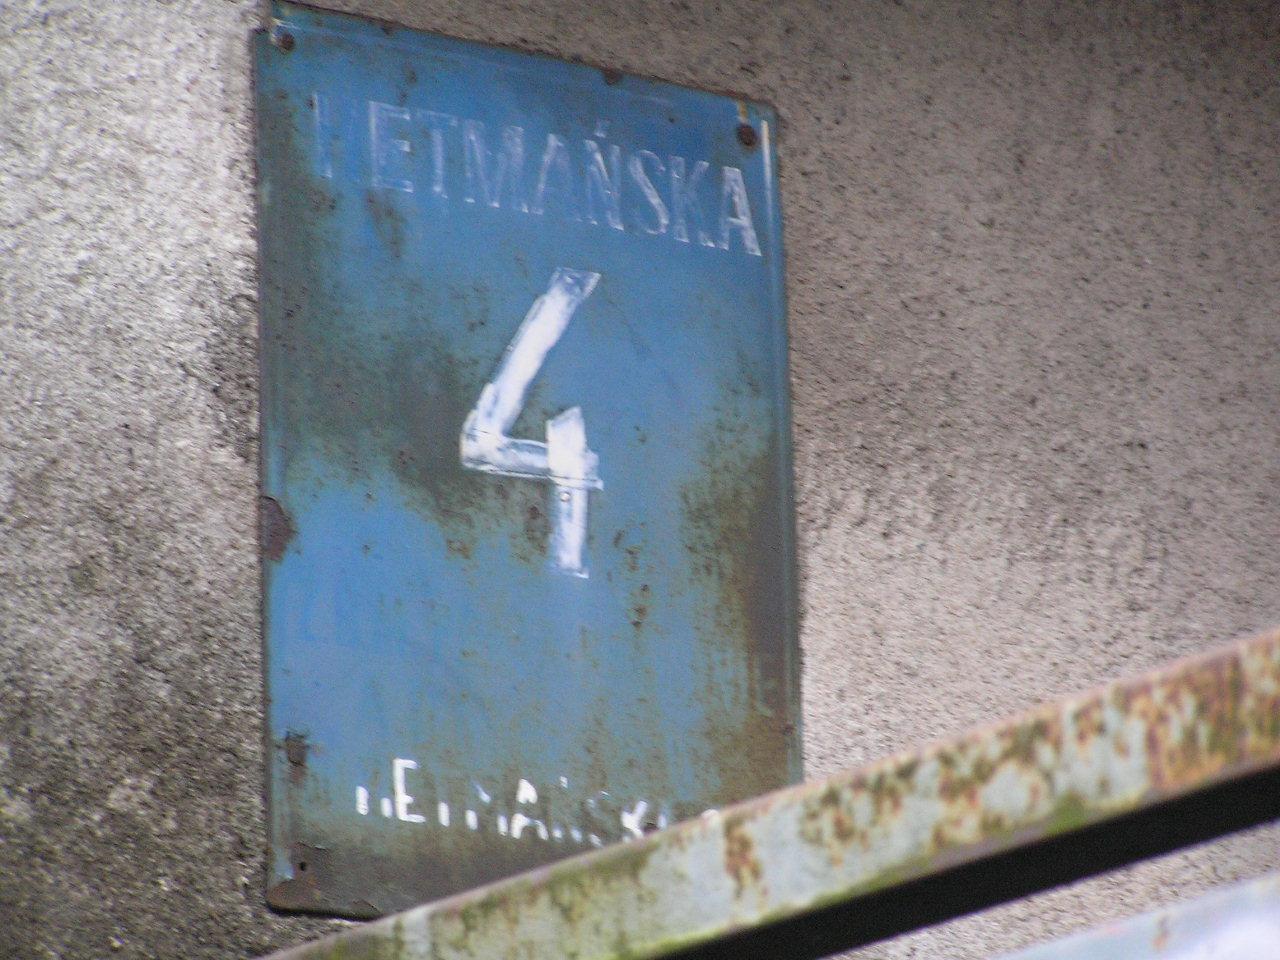 Tabliczka adresowa przy ulicy Pokuckiej 9 na Grochowie